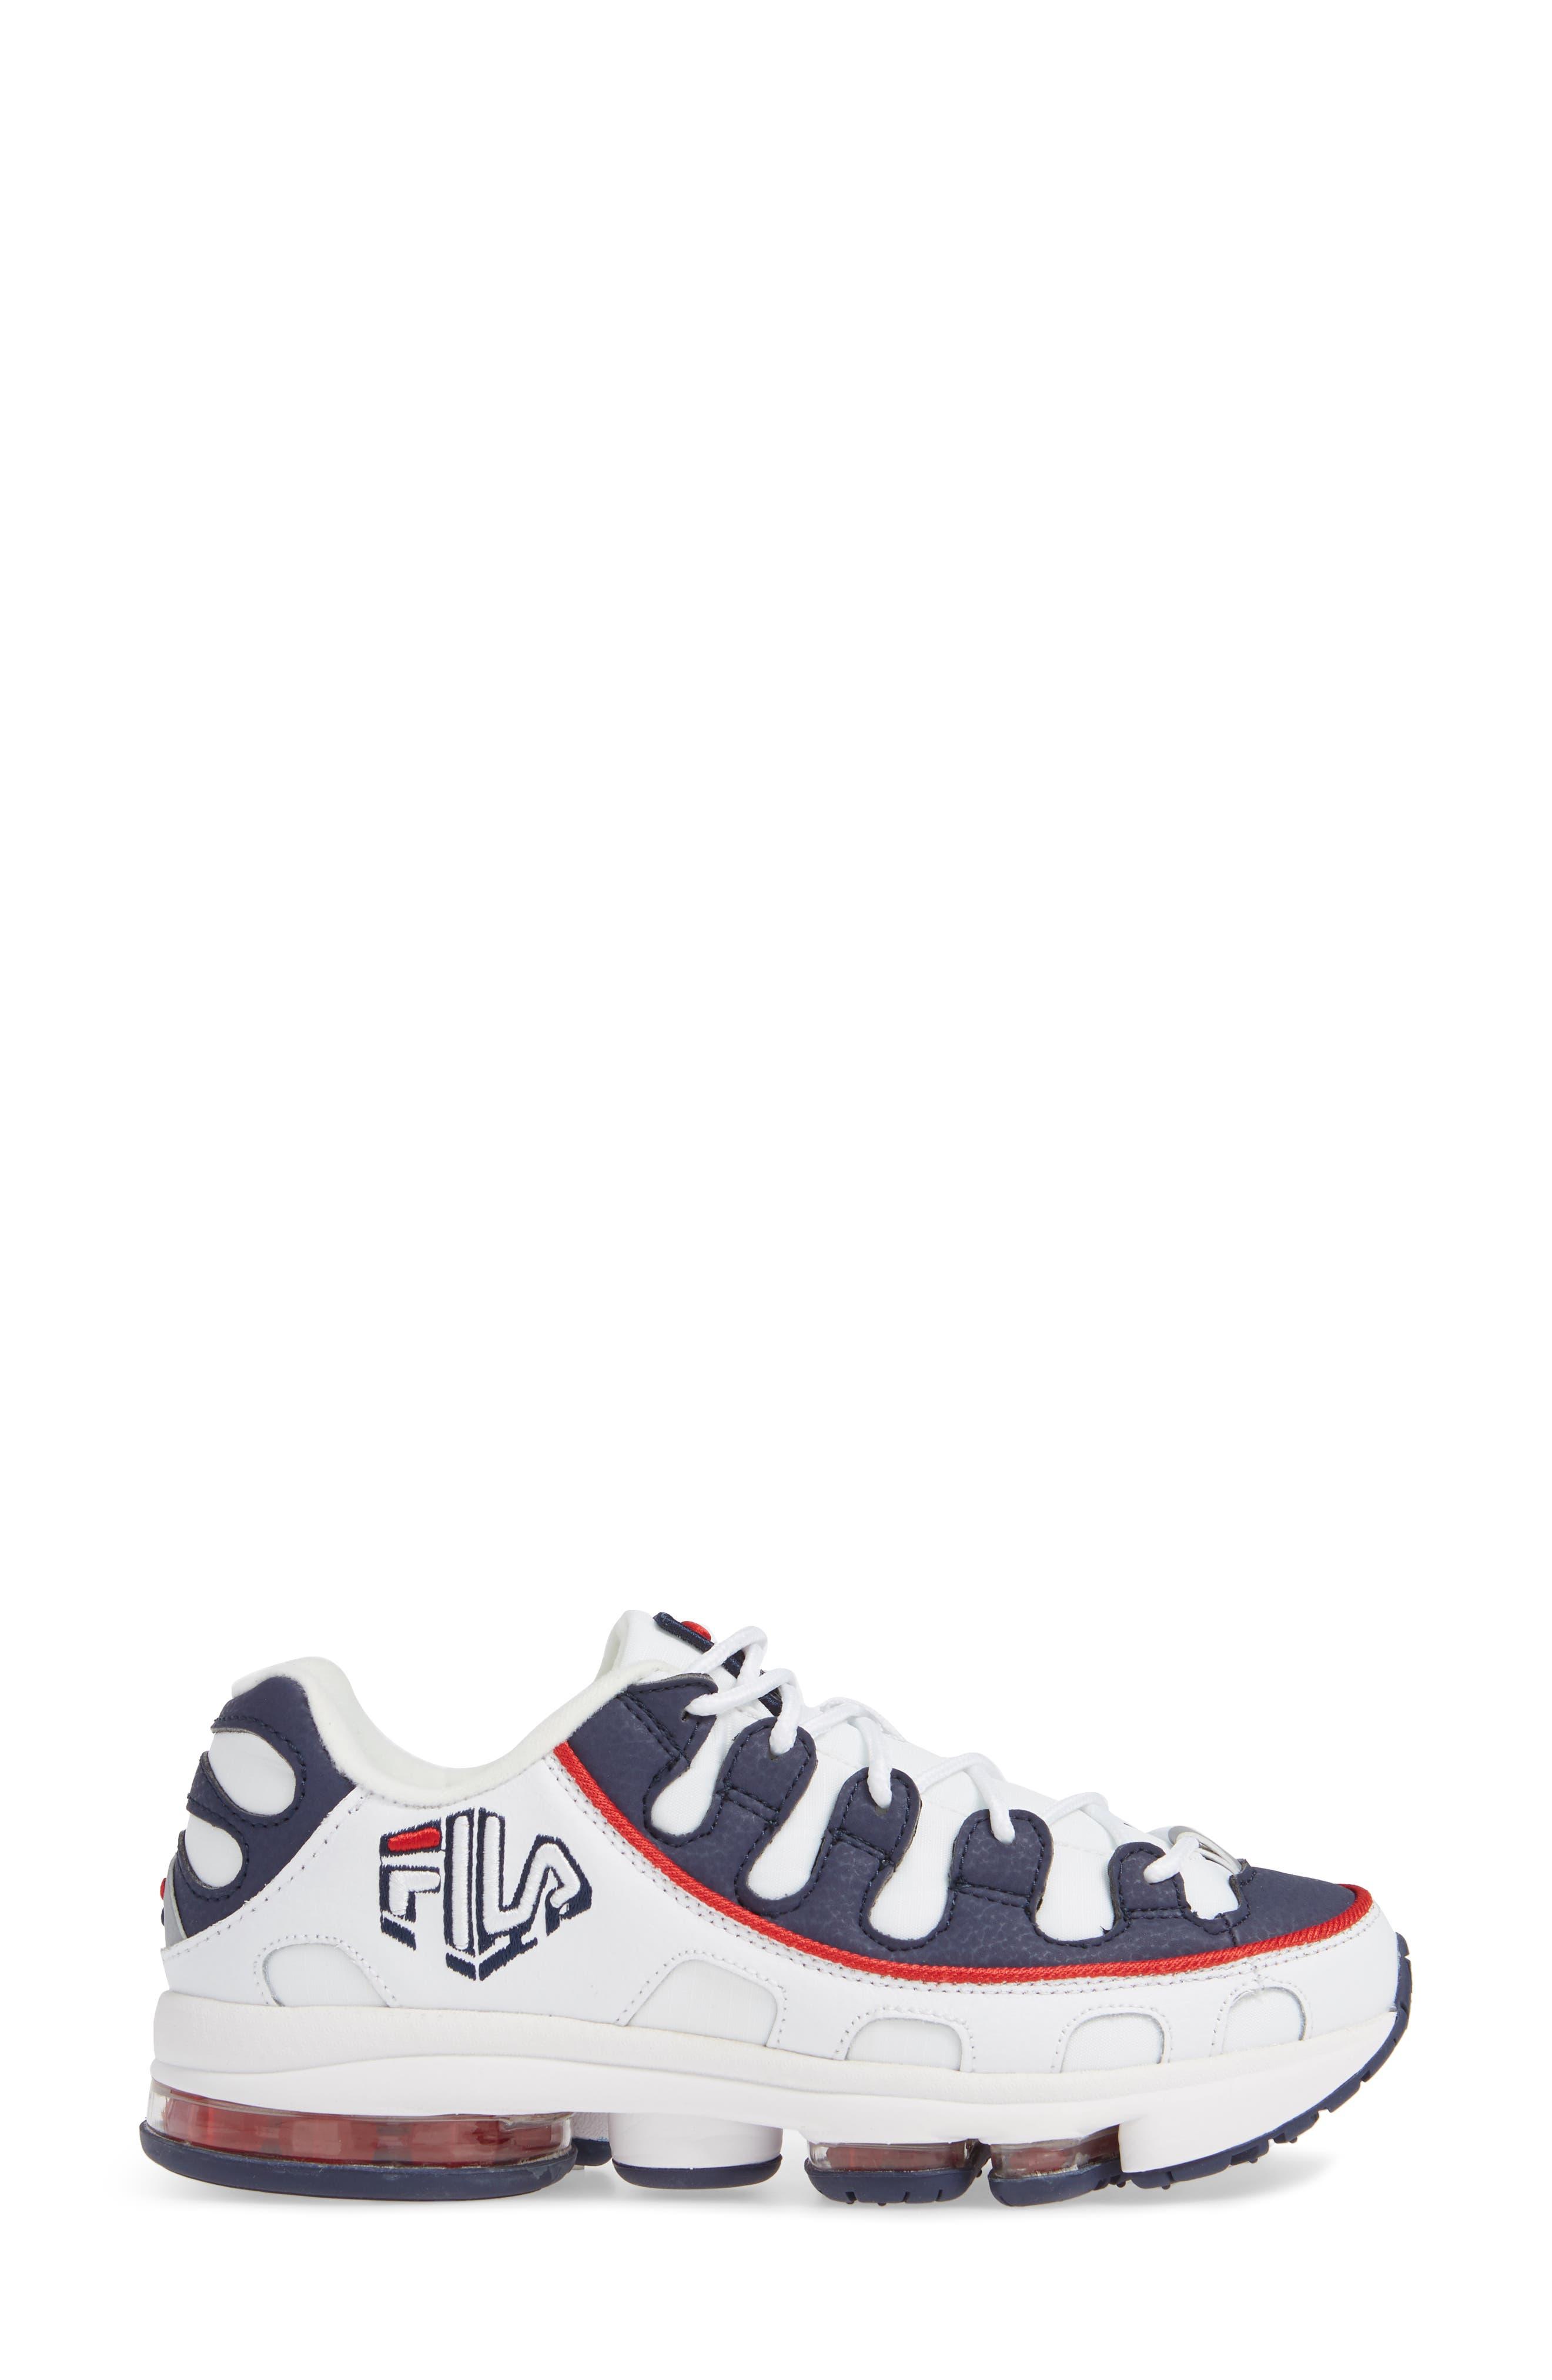 Silva Trainer Sneaker,                             Alternate thumbnail 3, color,                             WHITE/ NAVY/ RED